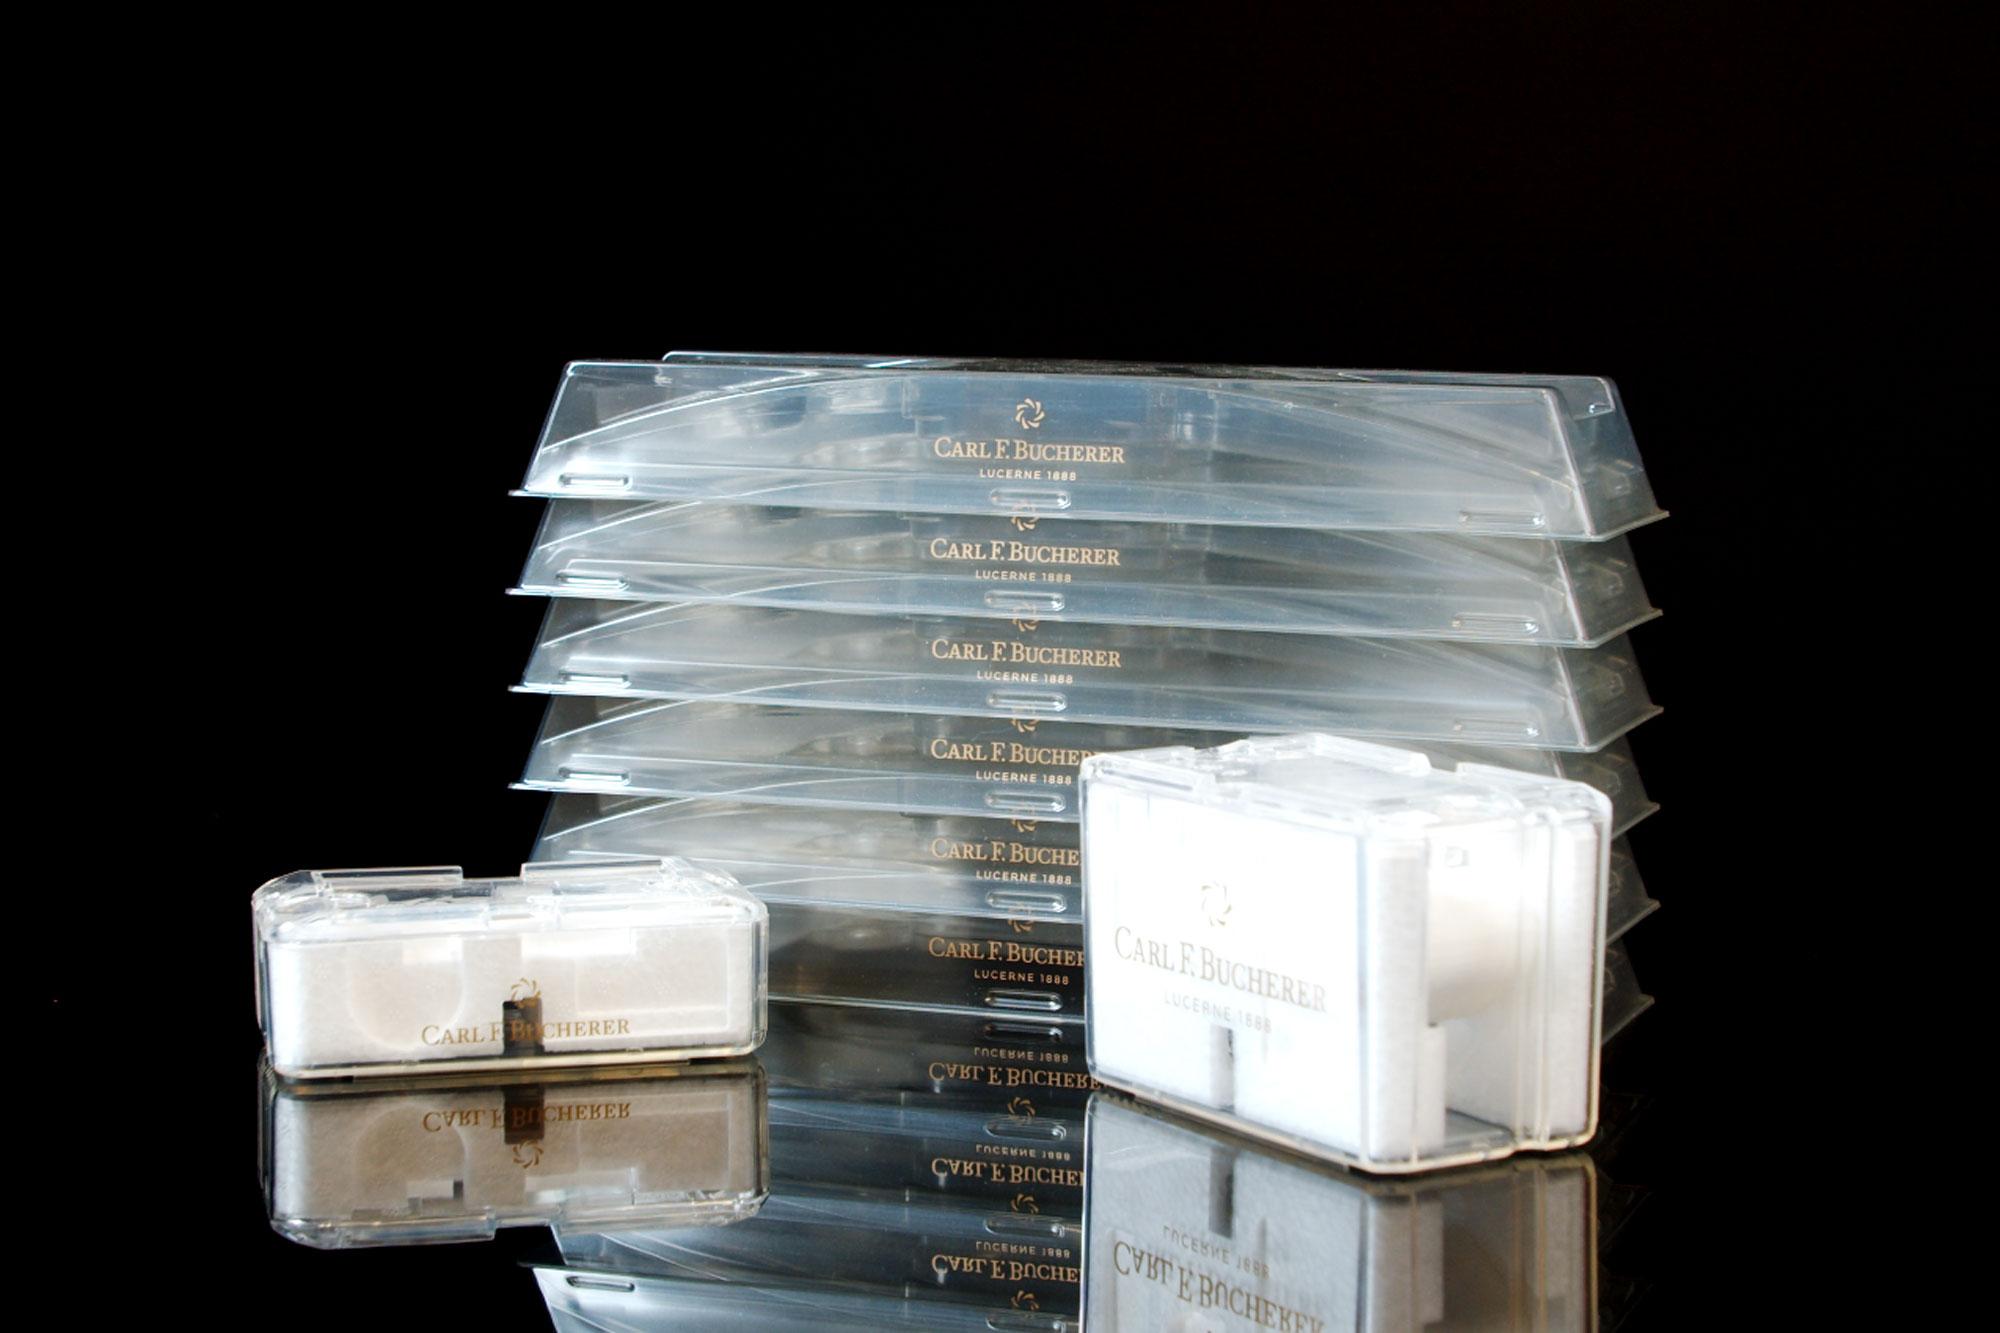 Mestel - Polymères - Carl F. Bucherer Emballage et conditionnement produits